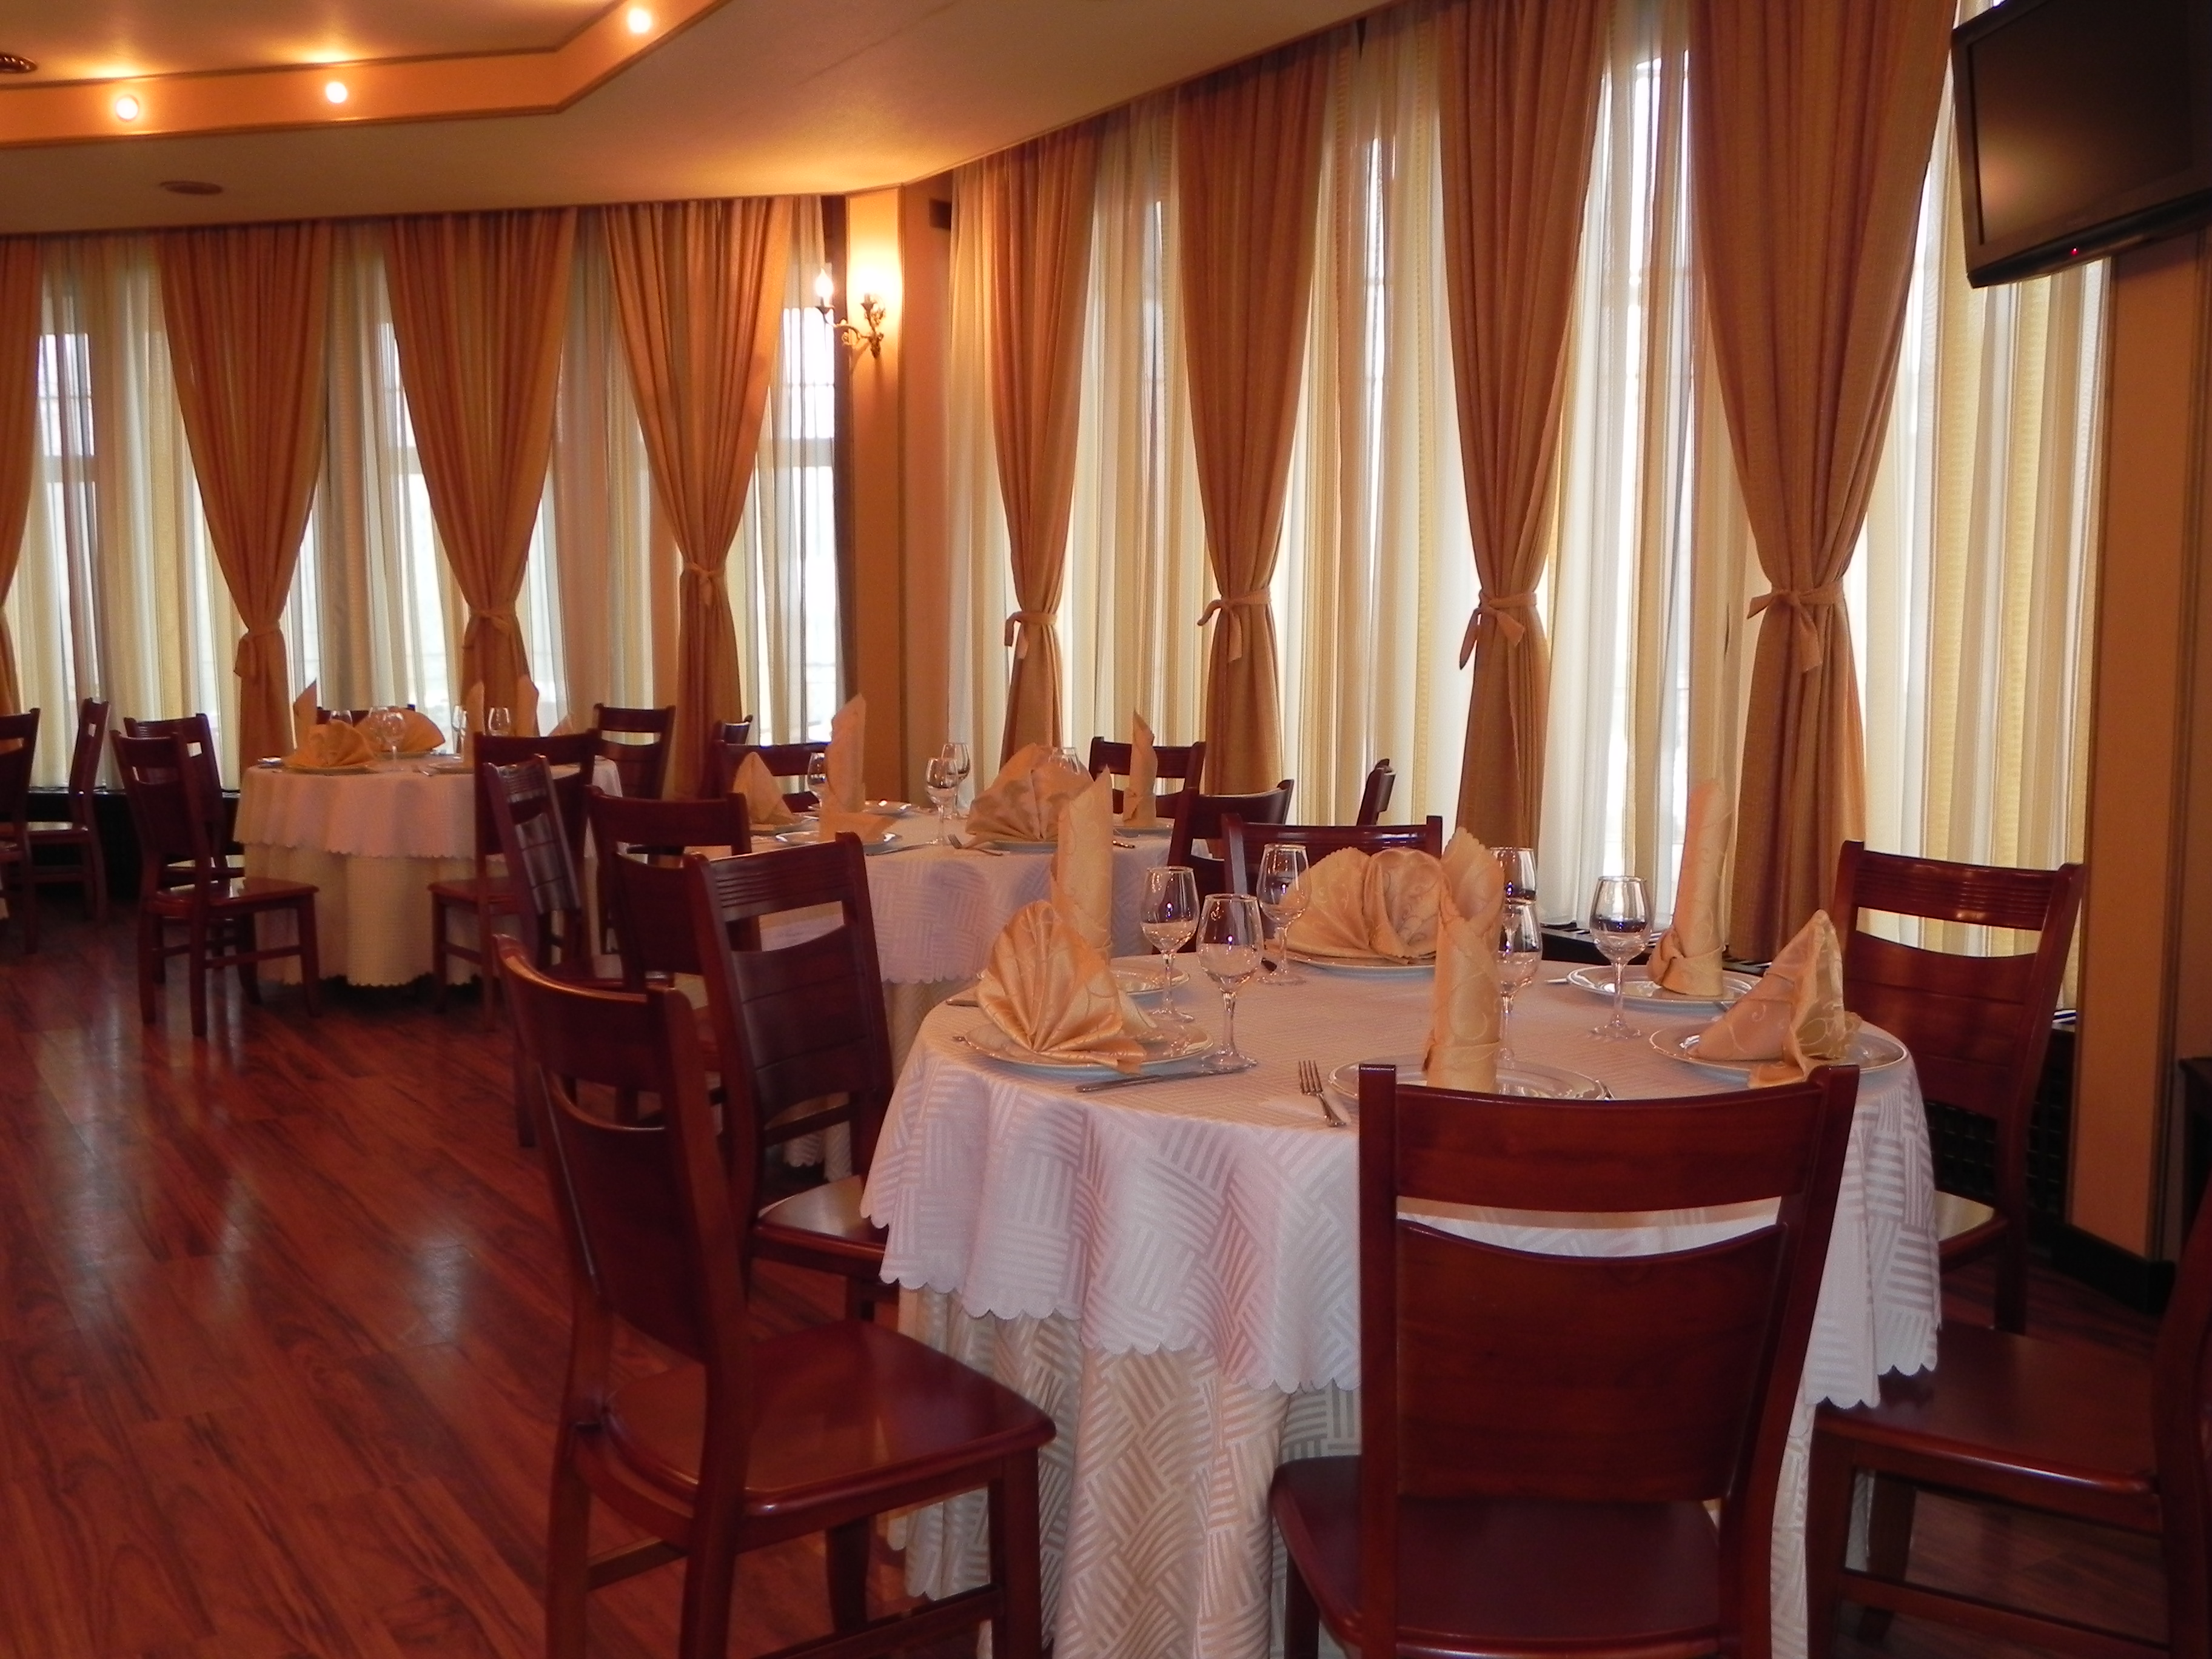 restaurant-Columna-hotel-hestia-calarasi-03